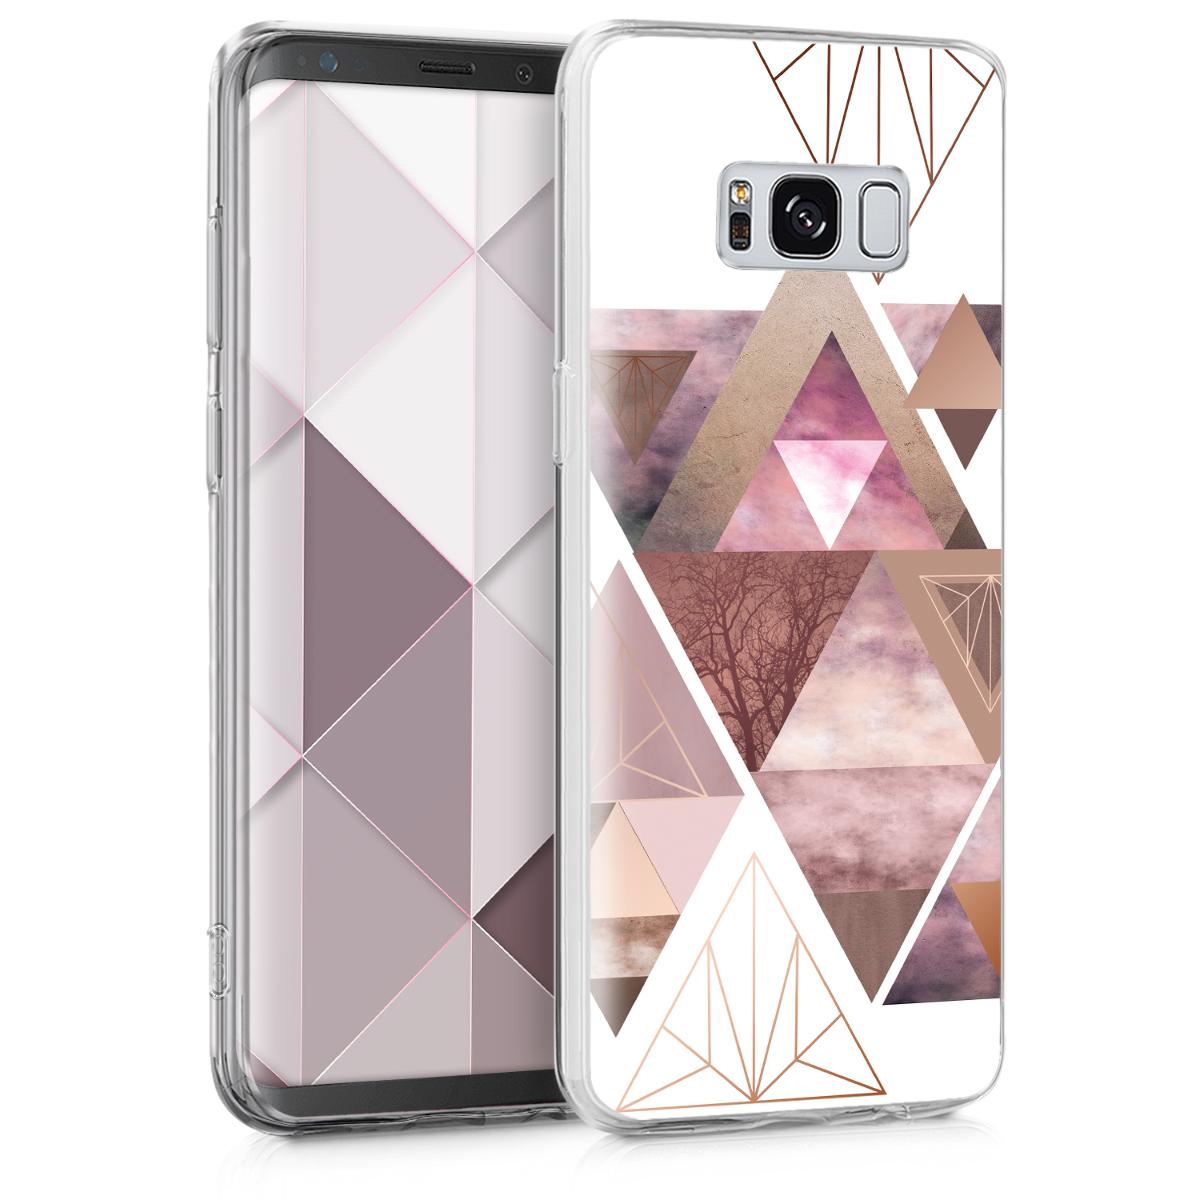 Kvalitní silikonové TPU pouzdro pro Samsung S8 - Patchwork trojúhelníky světle růžové / starorůžové rosegold / bílé